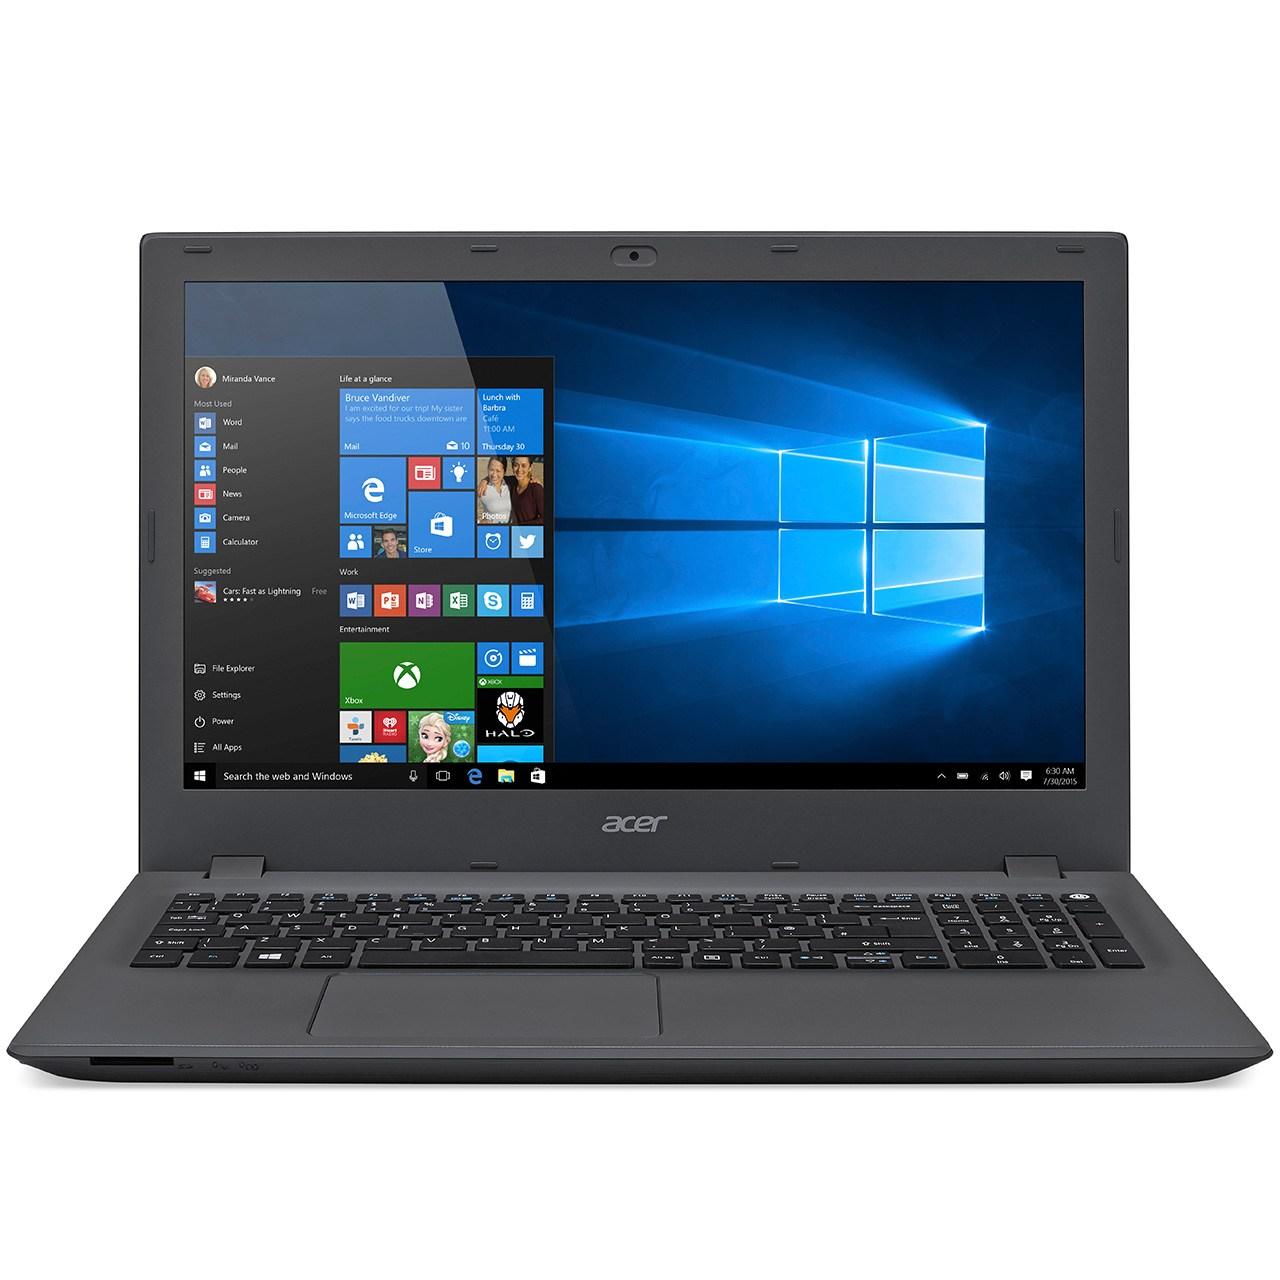 لپ تاپ 15 اینچی ایسر مدل Aspire E5-573g-38q3